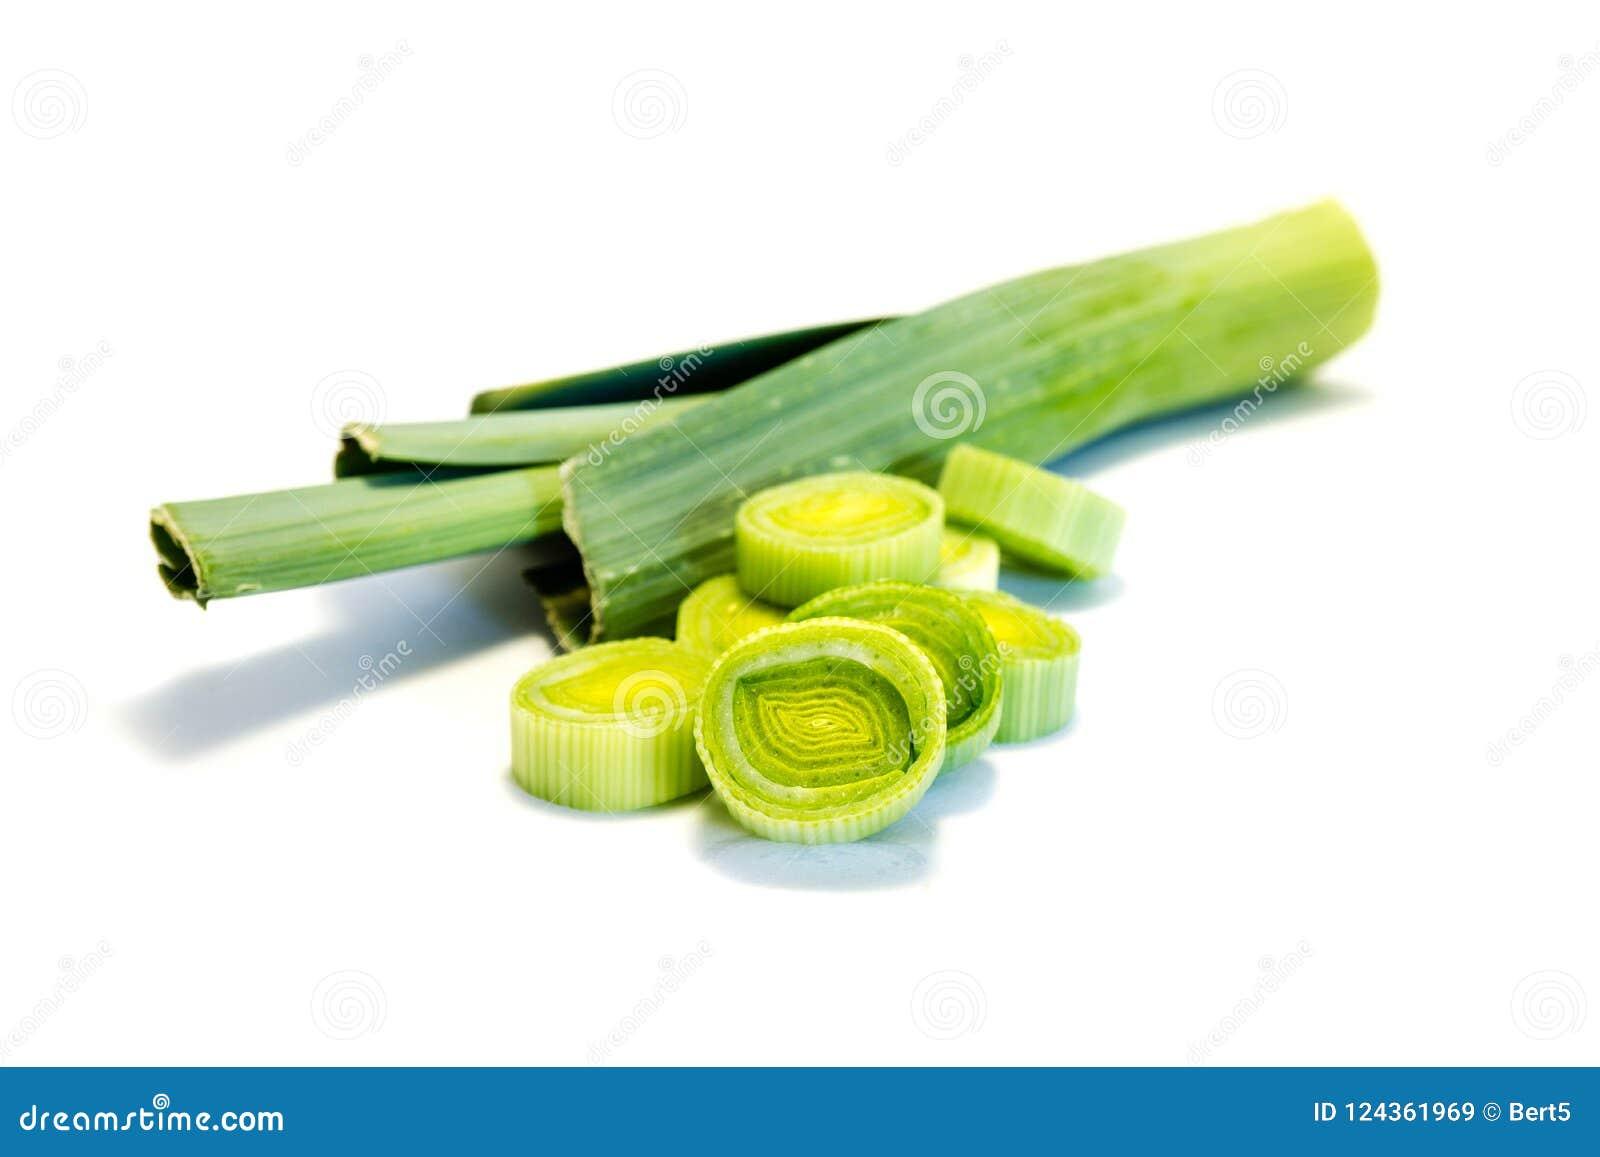 韭葱在白色背景切隔绝的绿色整个韭葱